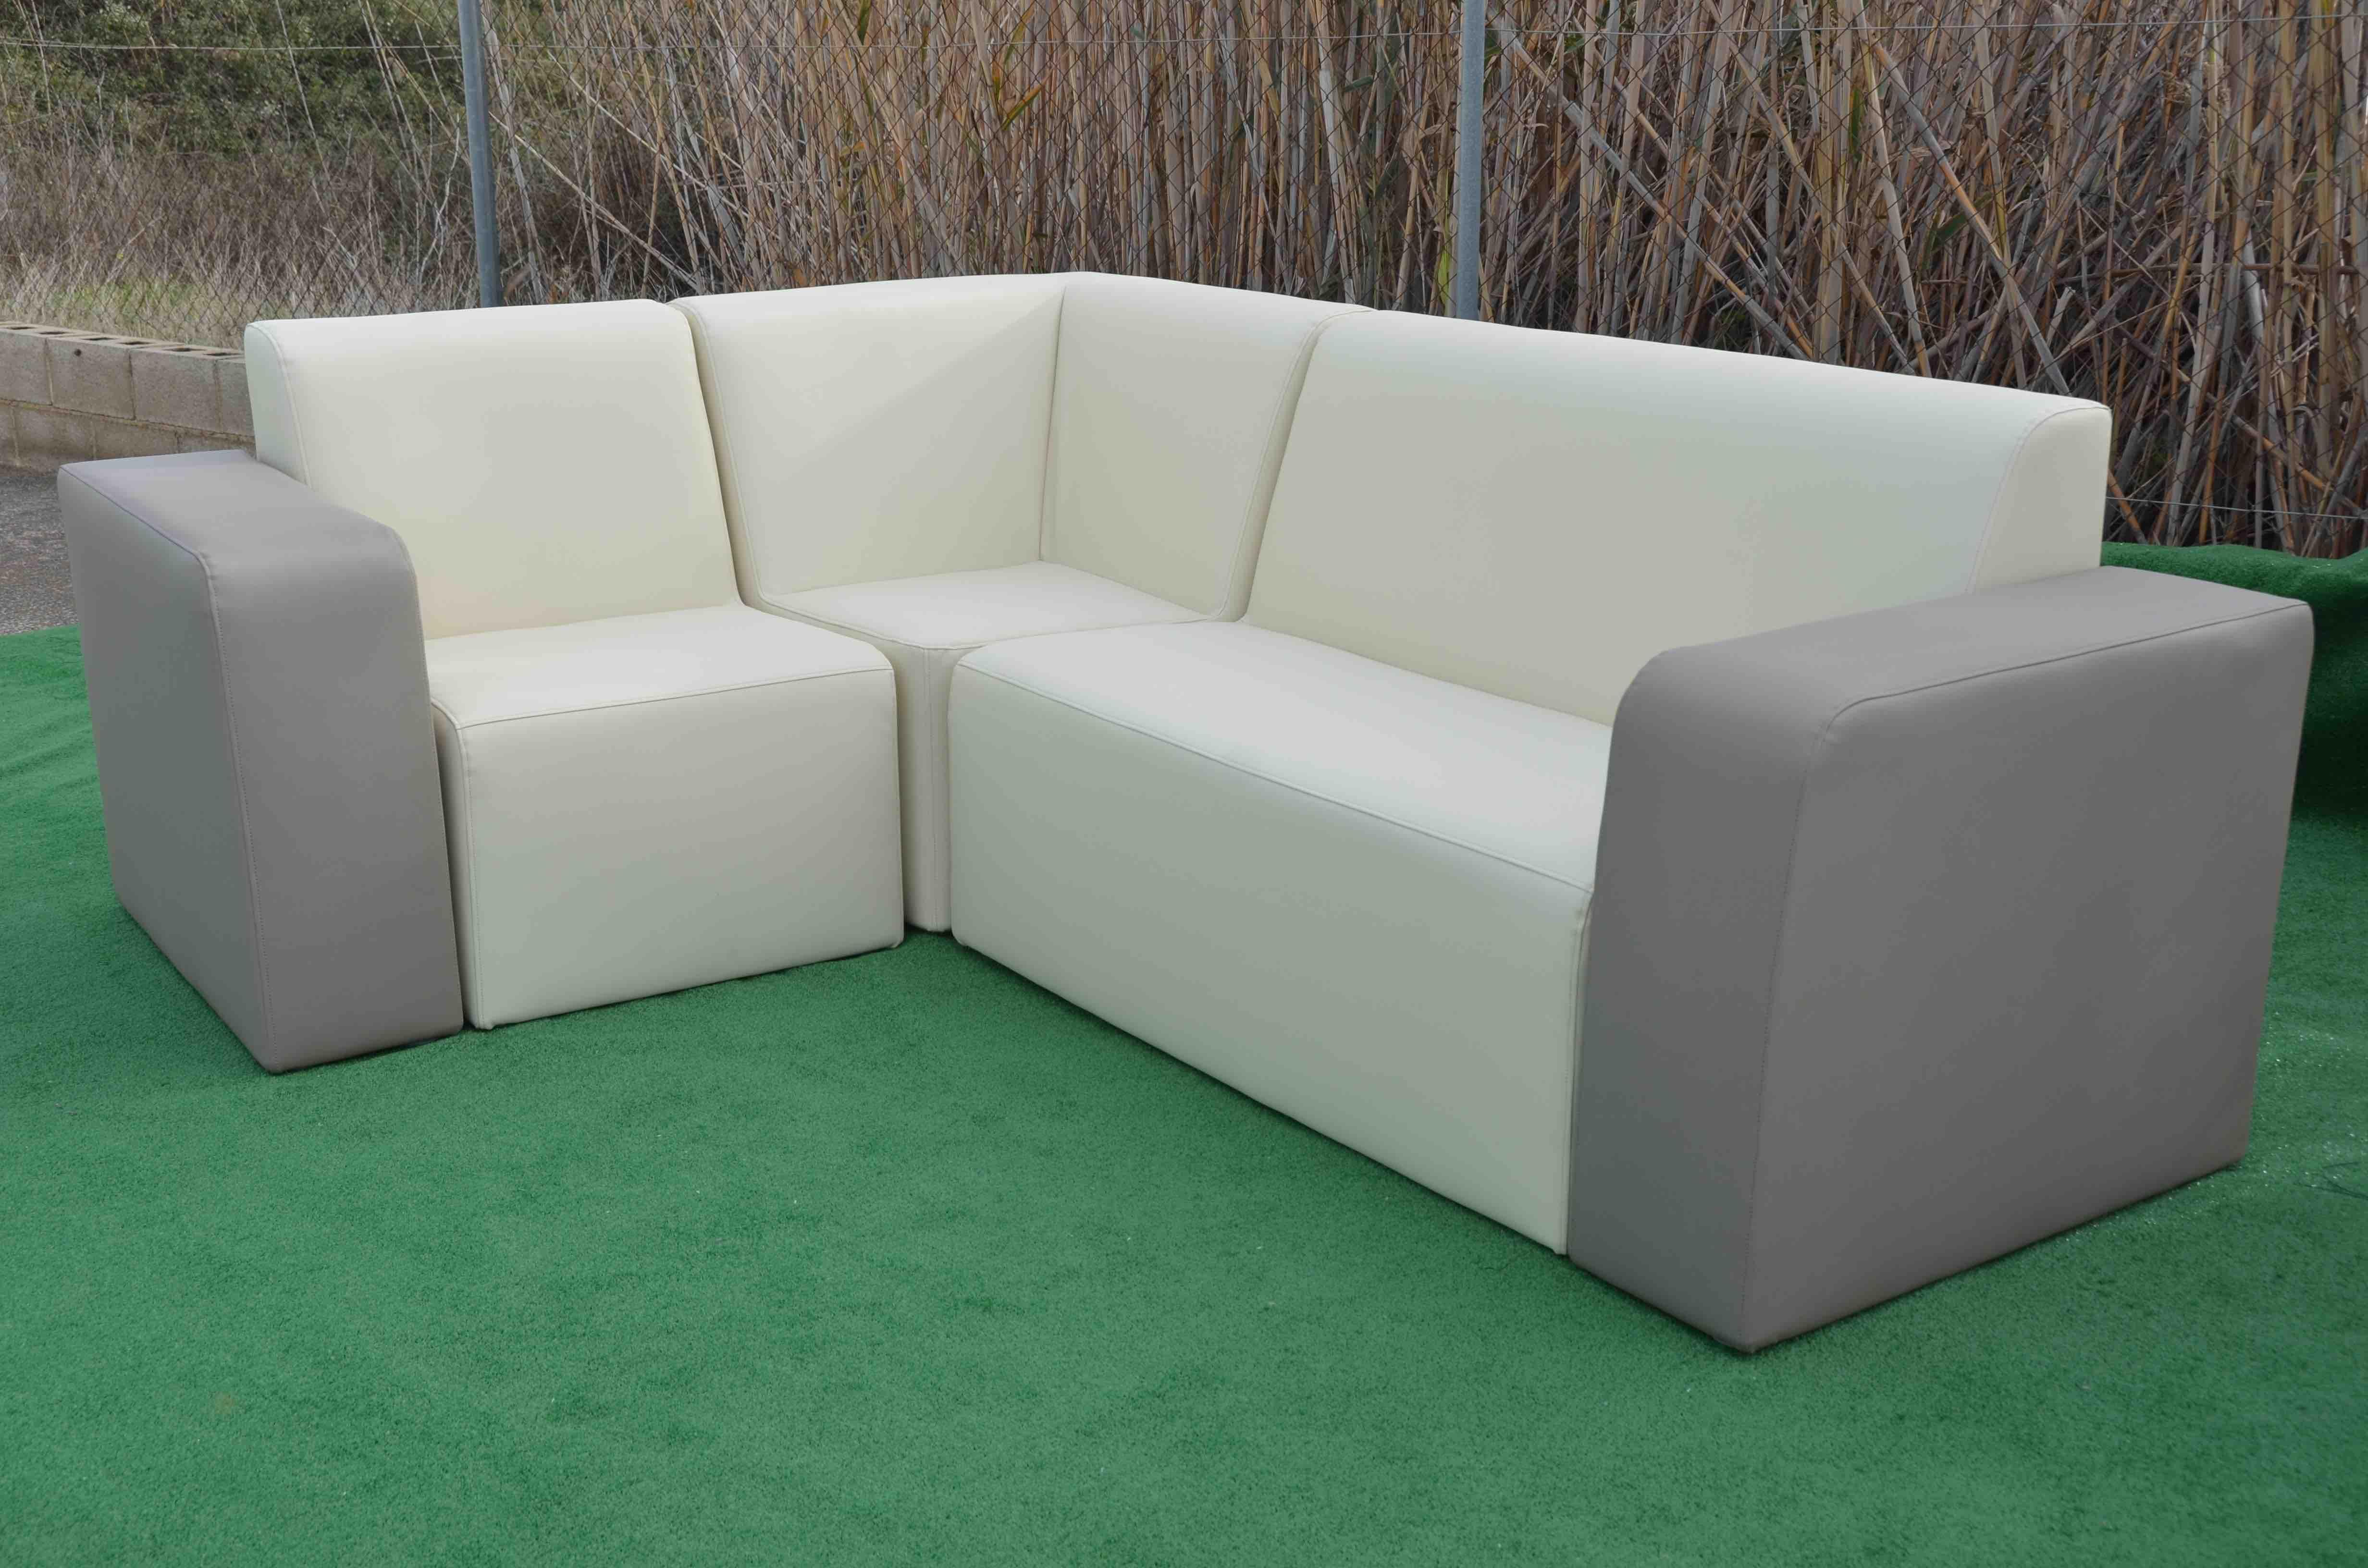 Conjunto Brisa tapizado. Mobiliario exterior para terraza, jardin y hostelería